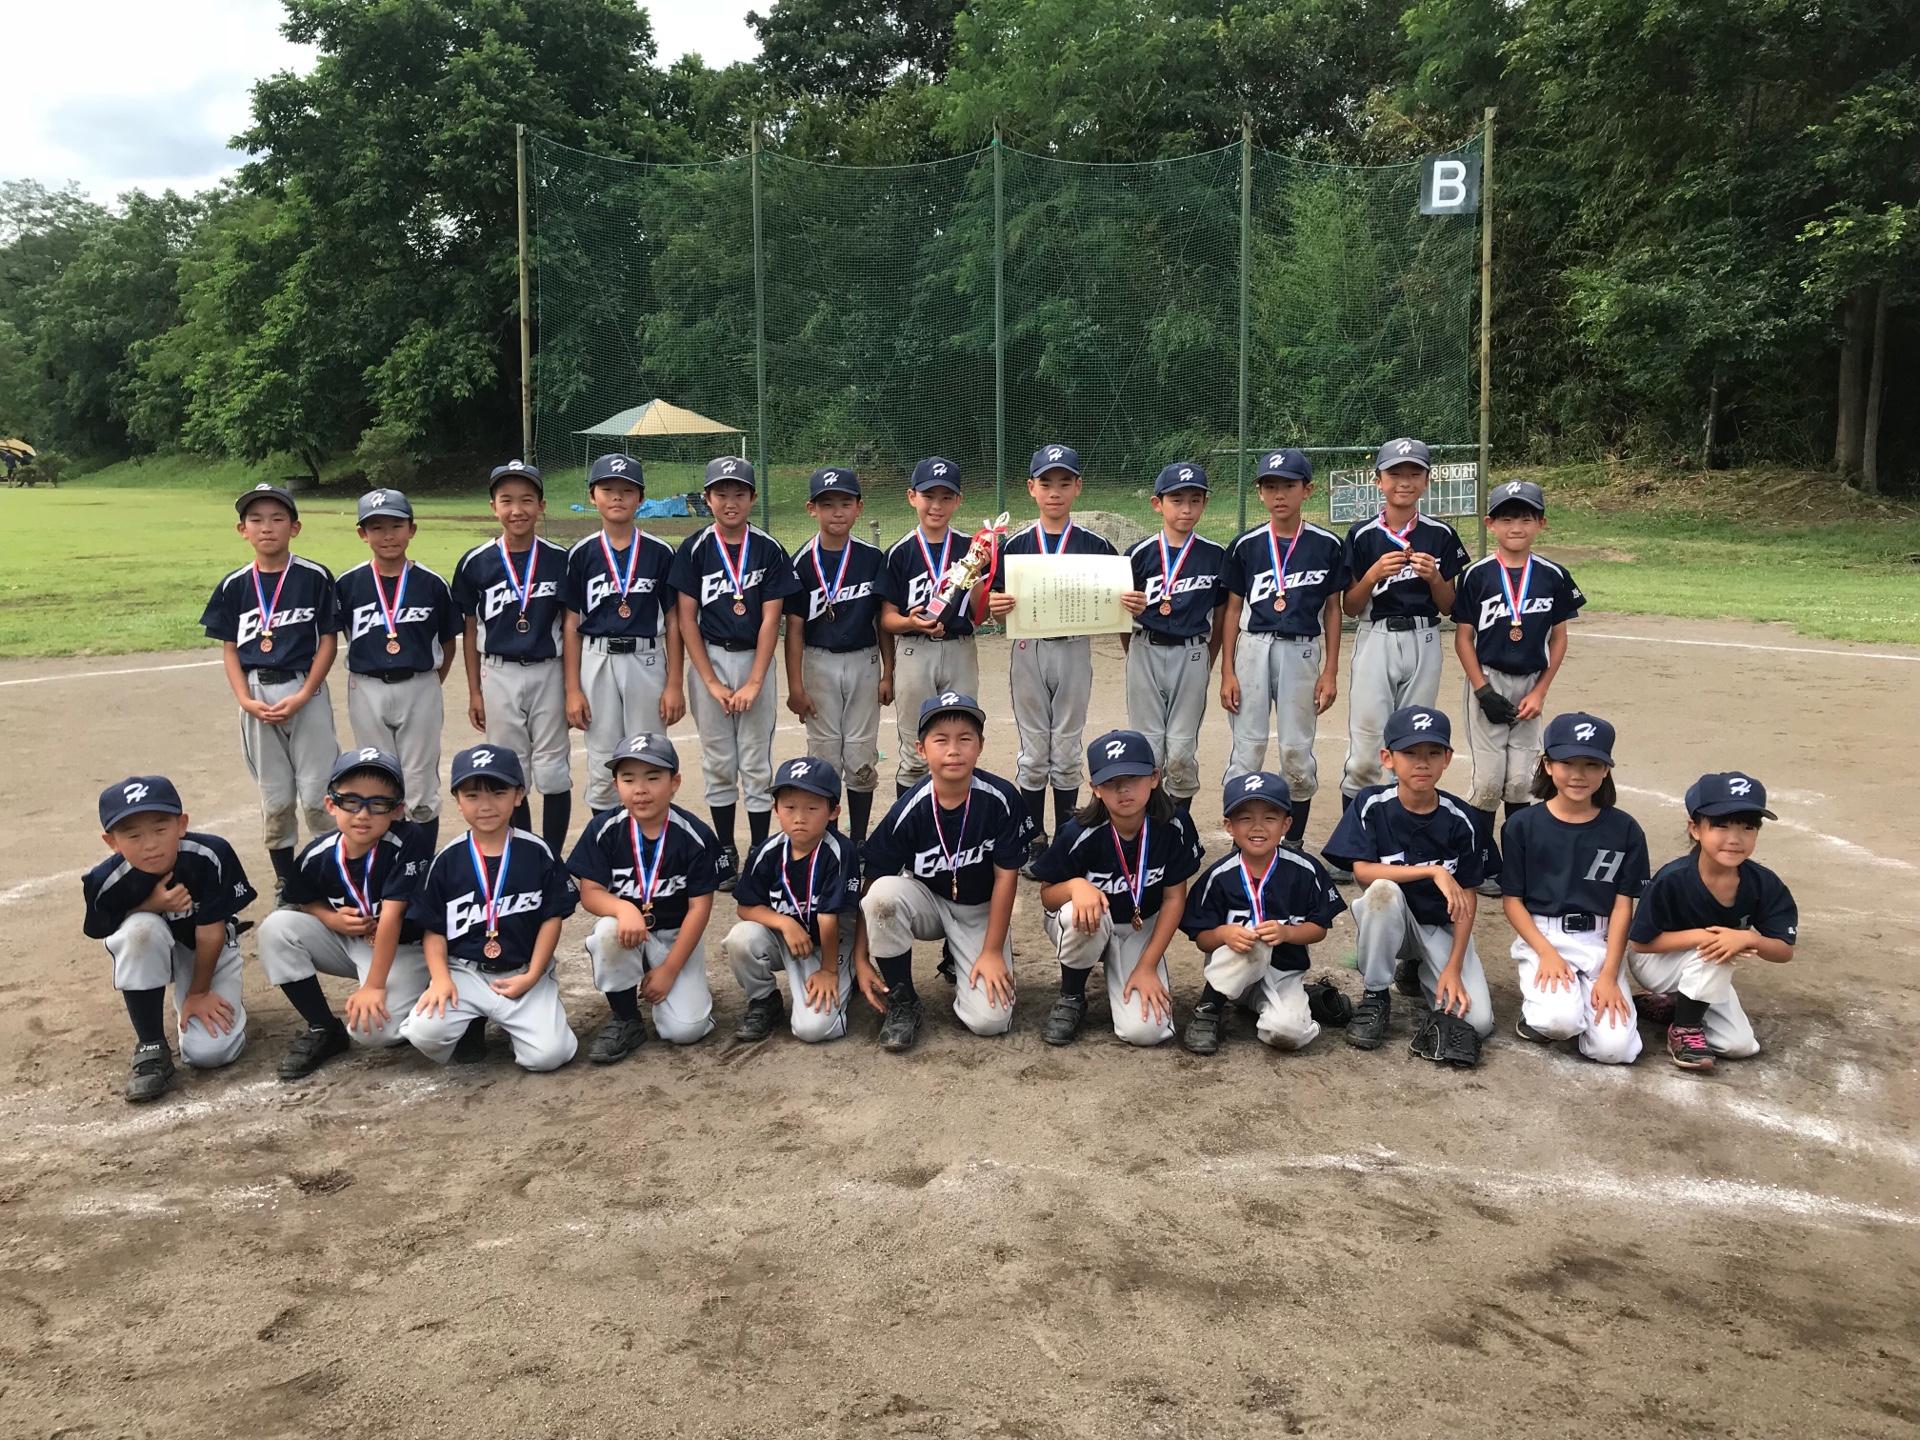 第25回市長杯争奪少年野球大会・第3位  原宿イーグルス 平成30年7月1日